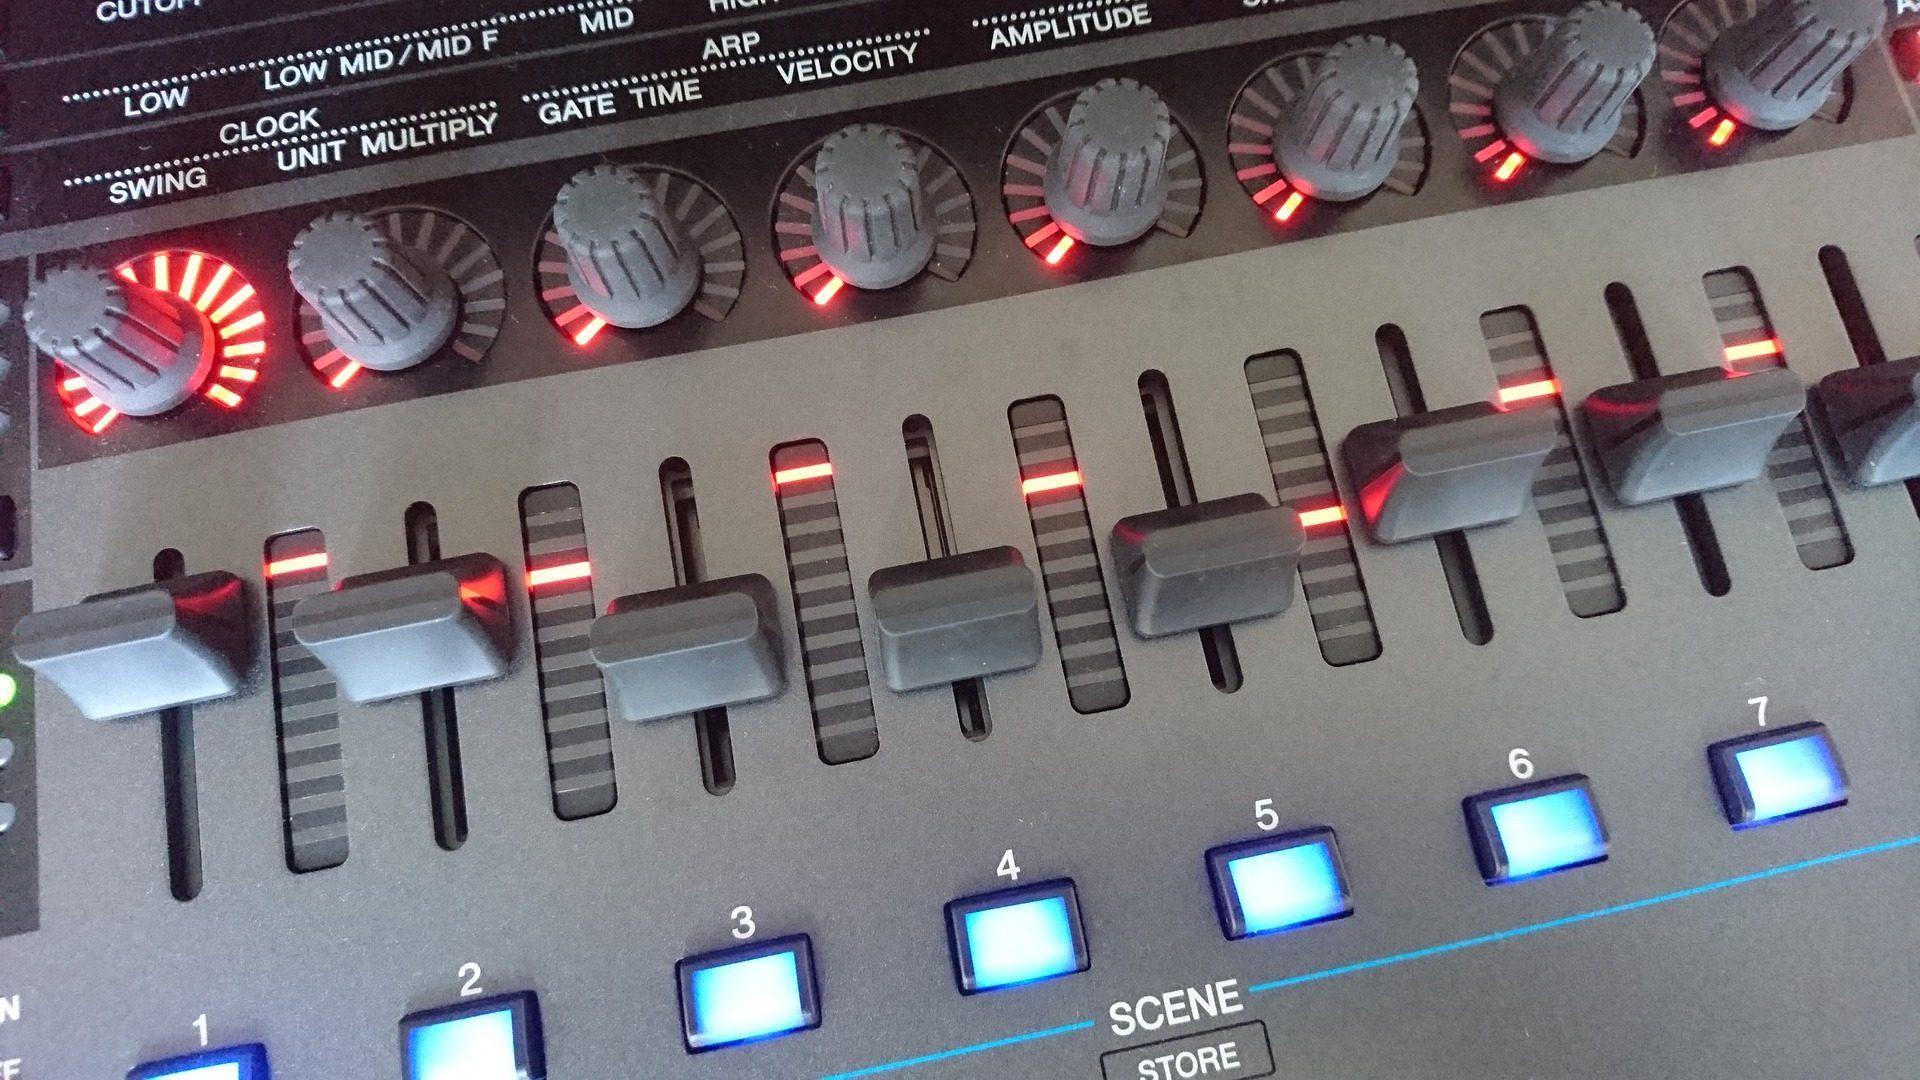 tabela, misturas, faixas, botões de, rodas - Papéis de parede HD - Professor-falken.com